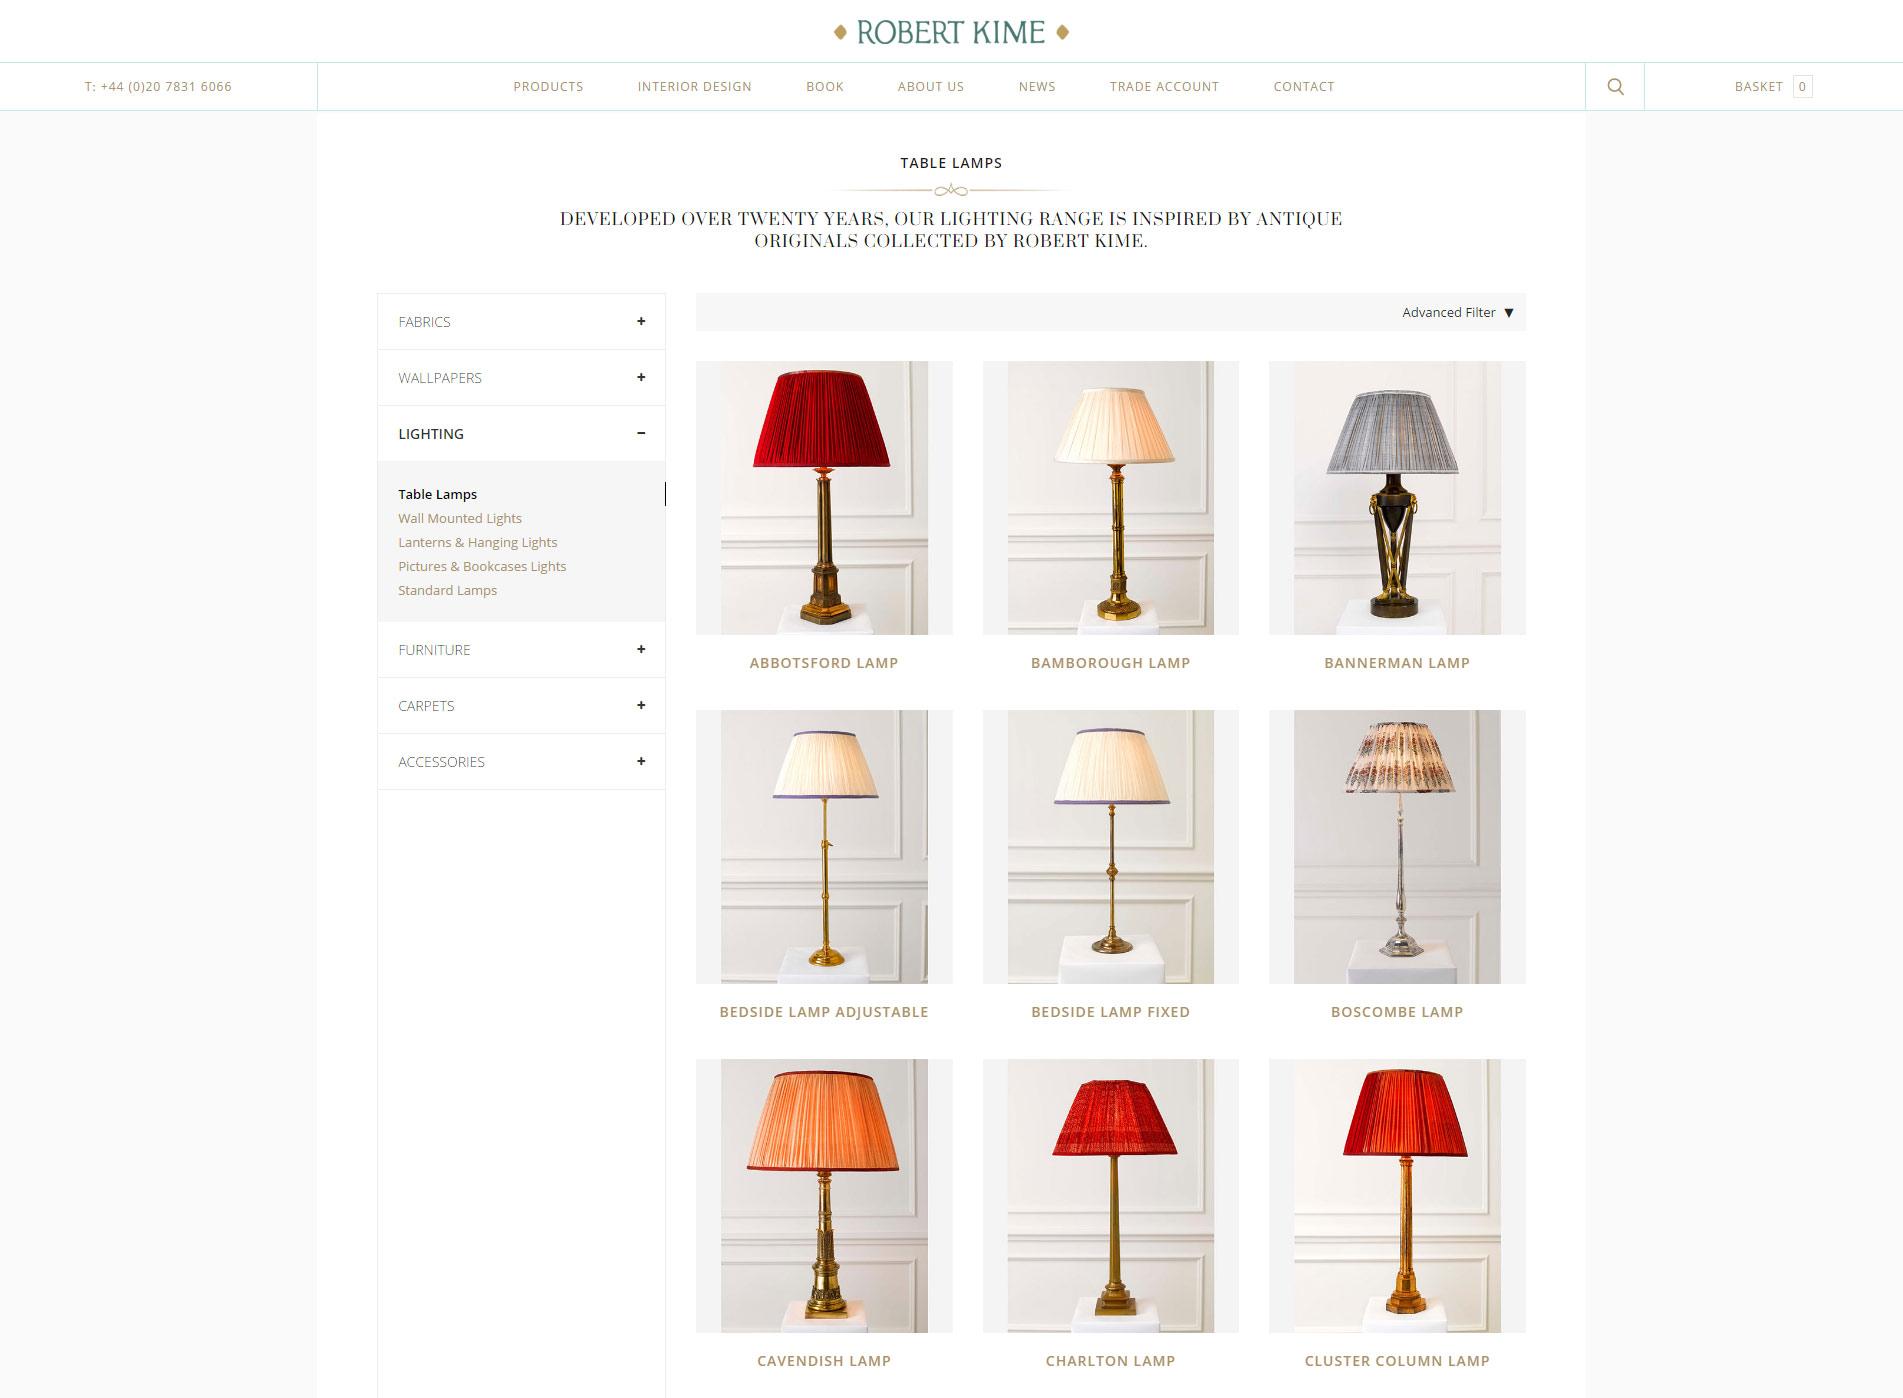 Robert Kime - Table Lamps